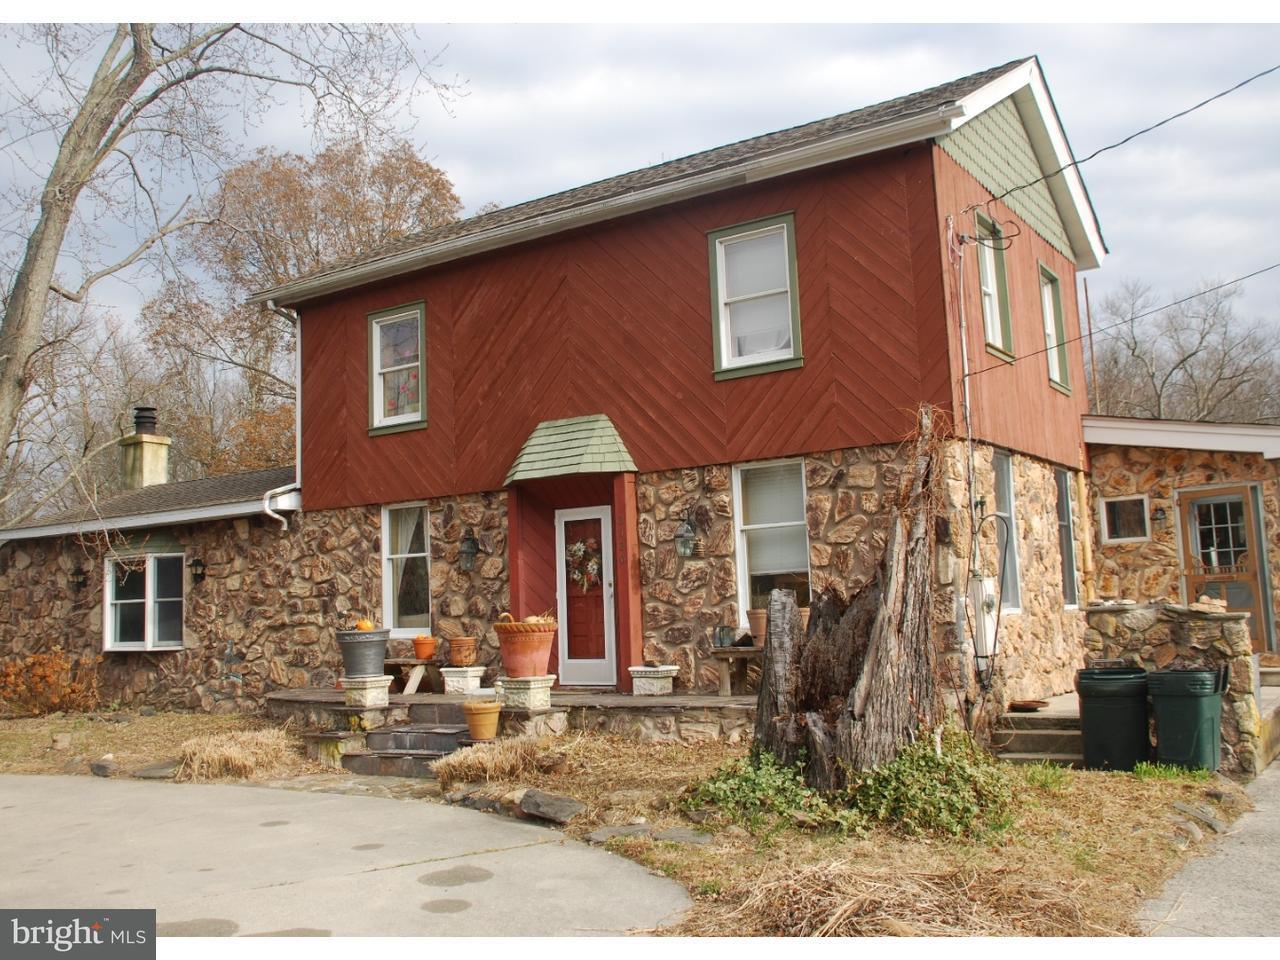 Частный односемейный дом для того Продажа на 2120 ROUTE 47 Woodbine, Нью-Джерси 08270 Соединенные Штаты